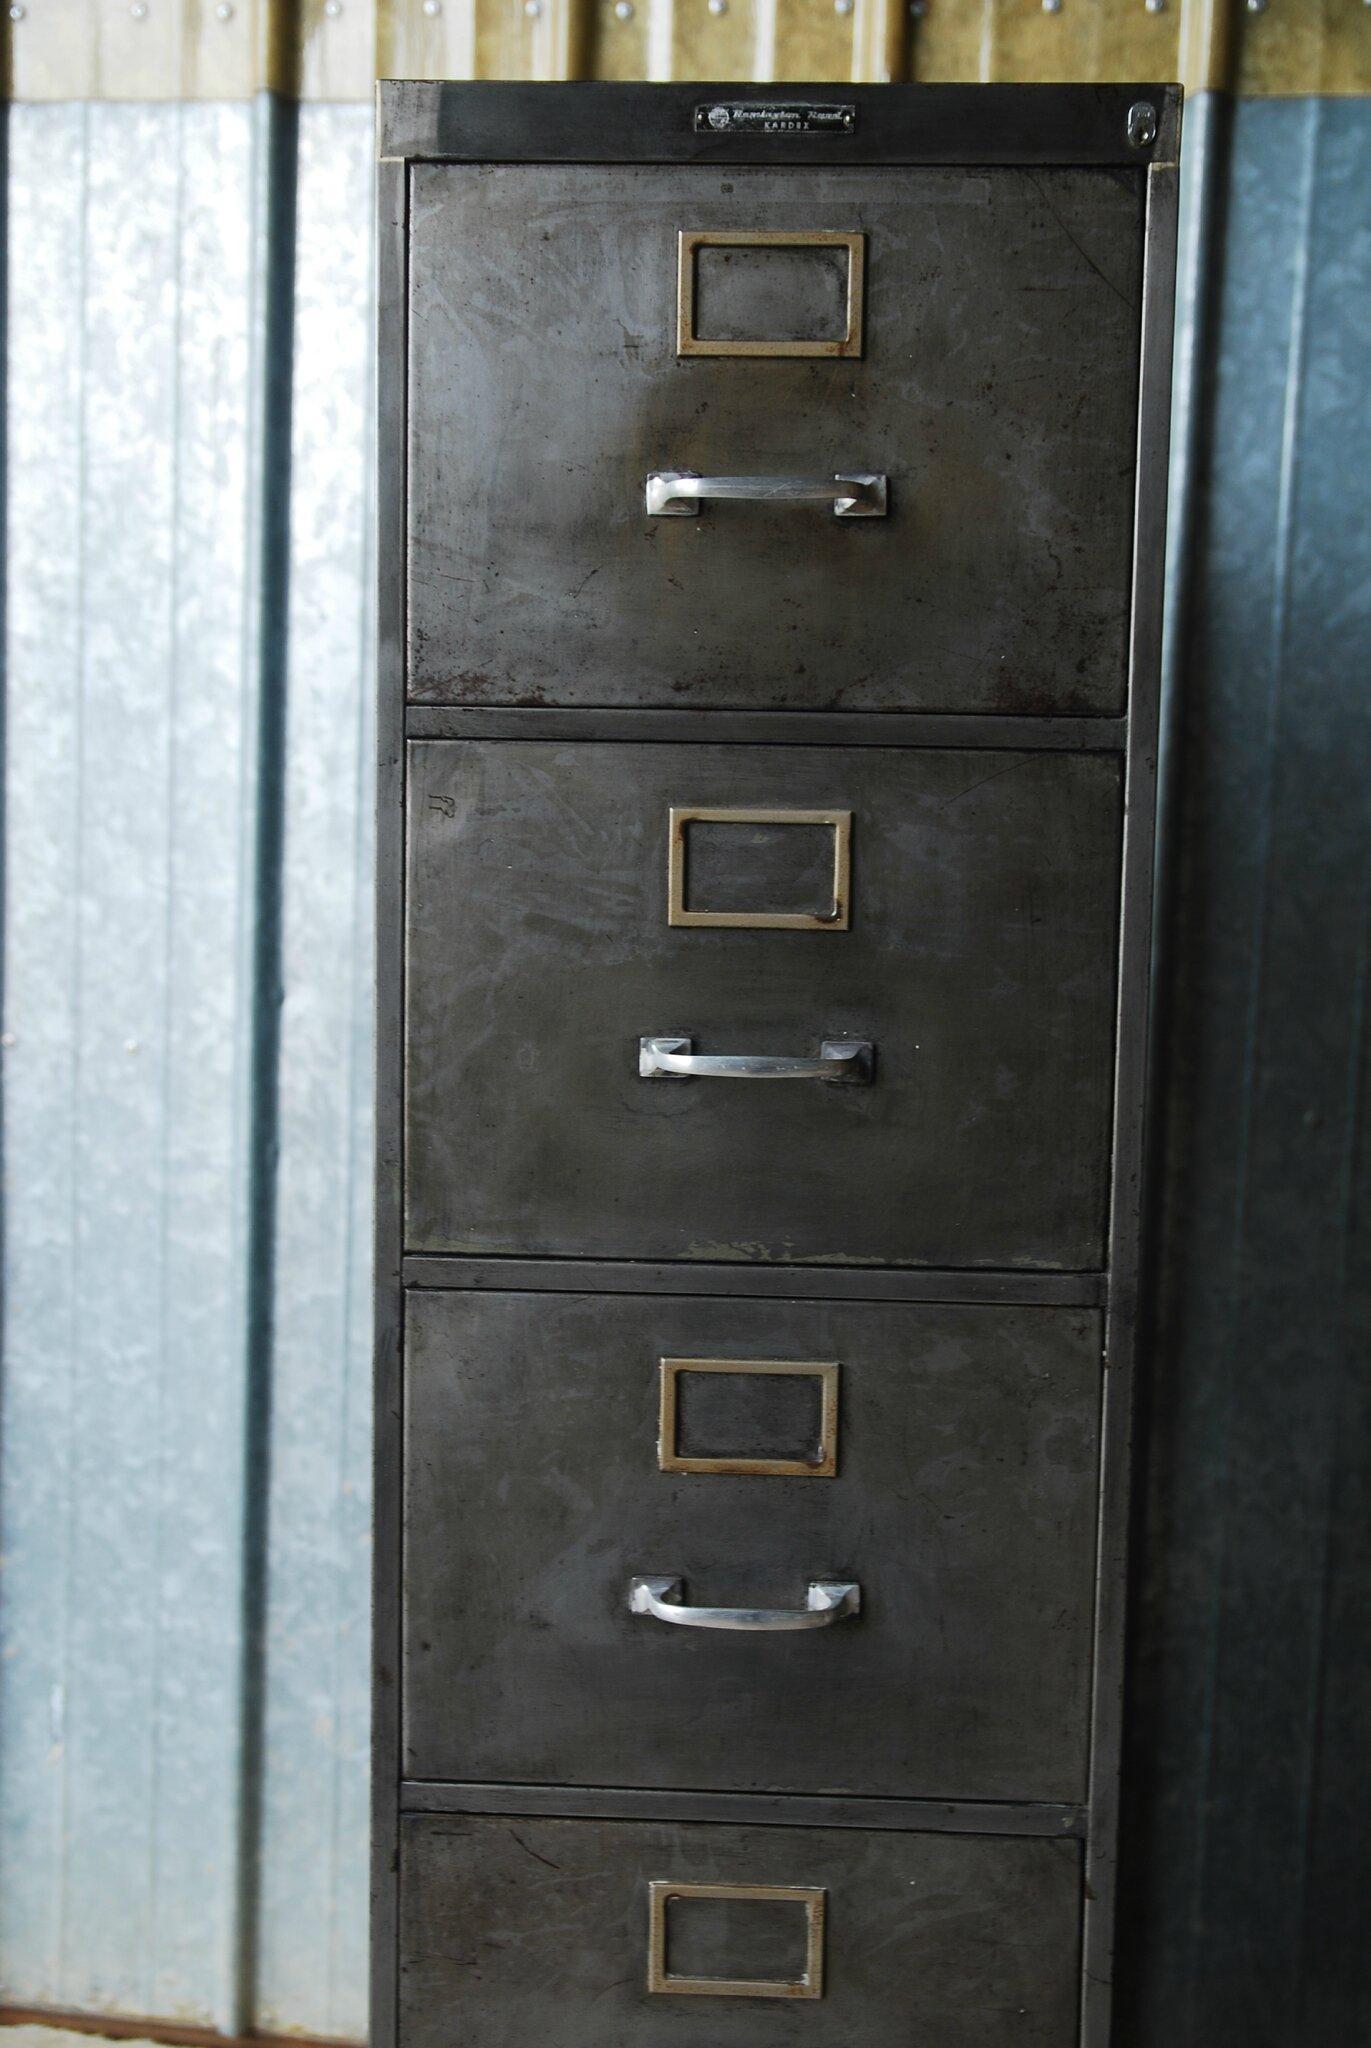 grand classeur 5 tiroirs 350 00 vendu